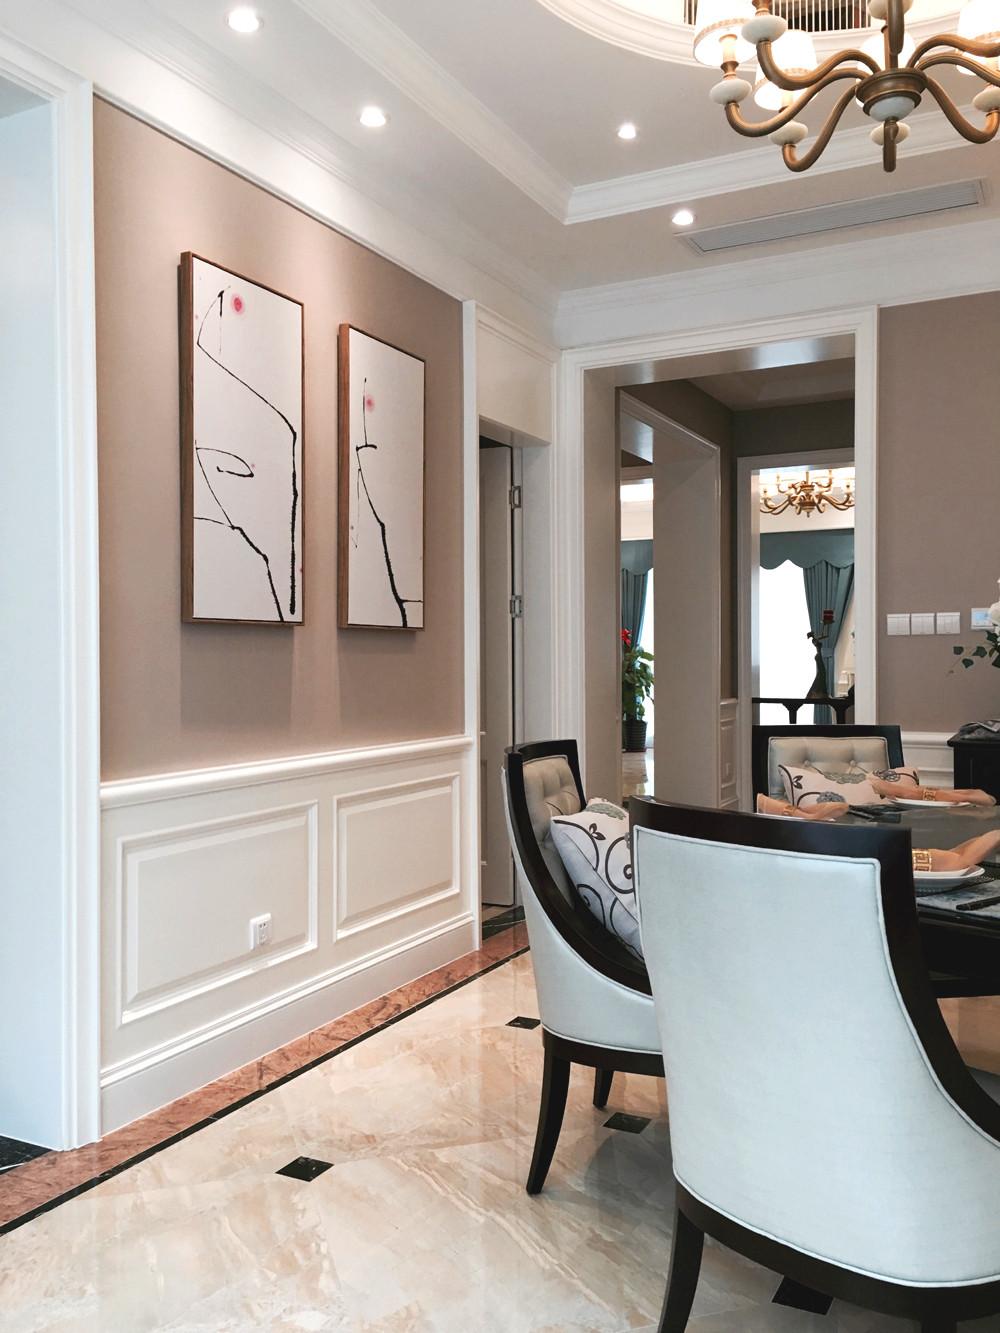 美式别墅装修餐厅背景墙图片